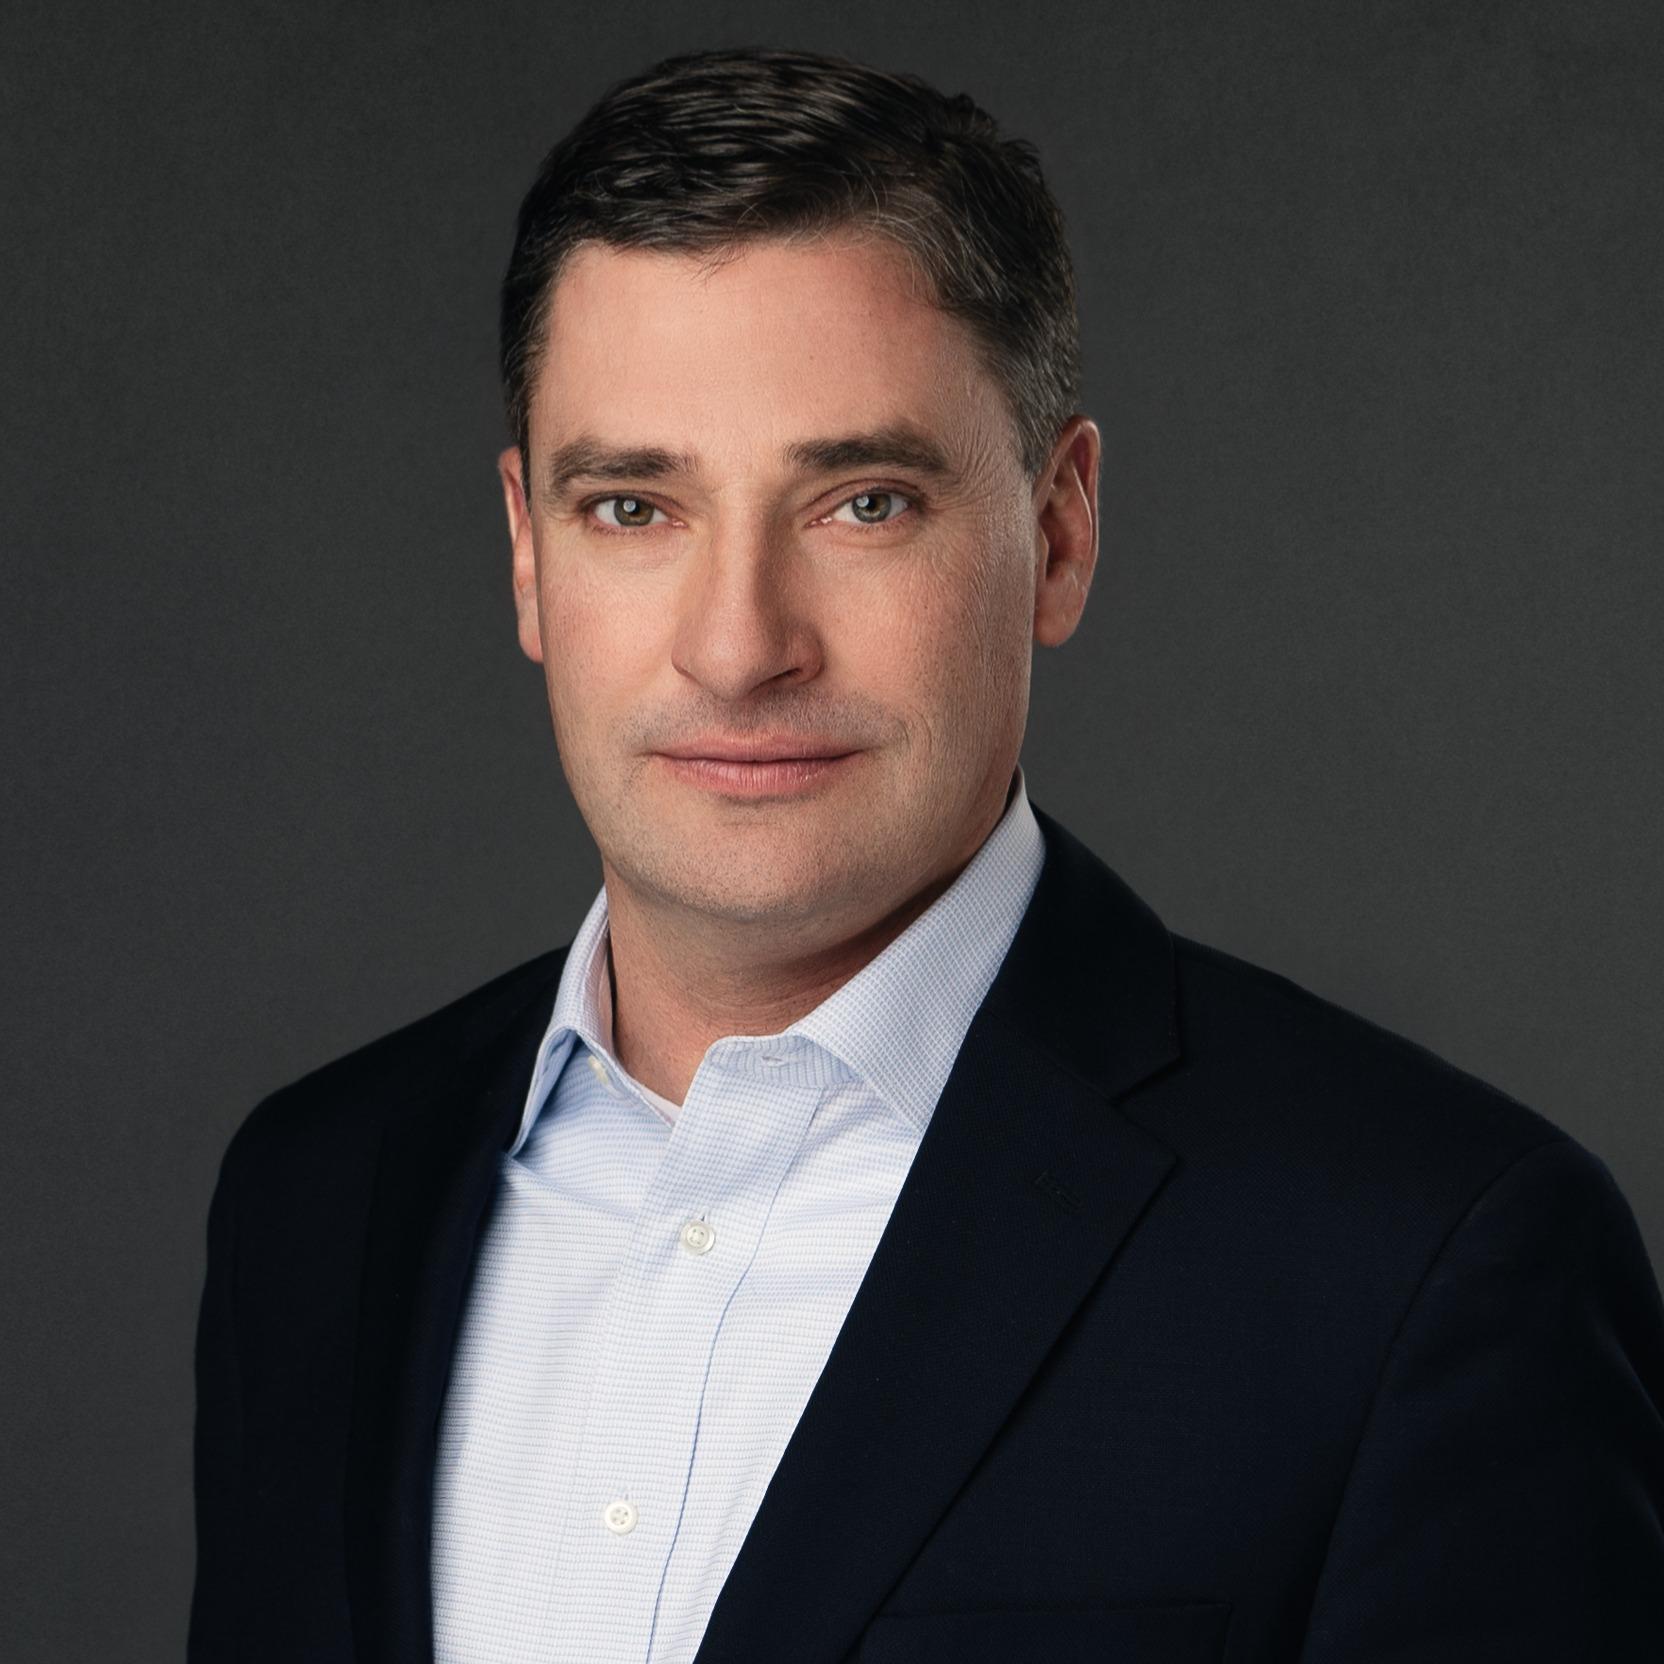 Jay Crockett